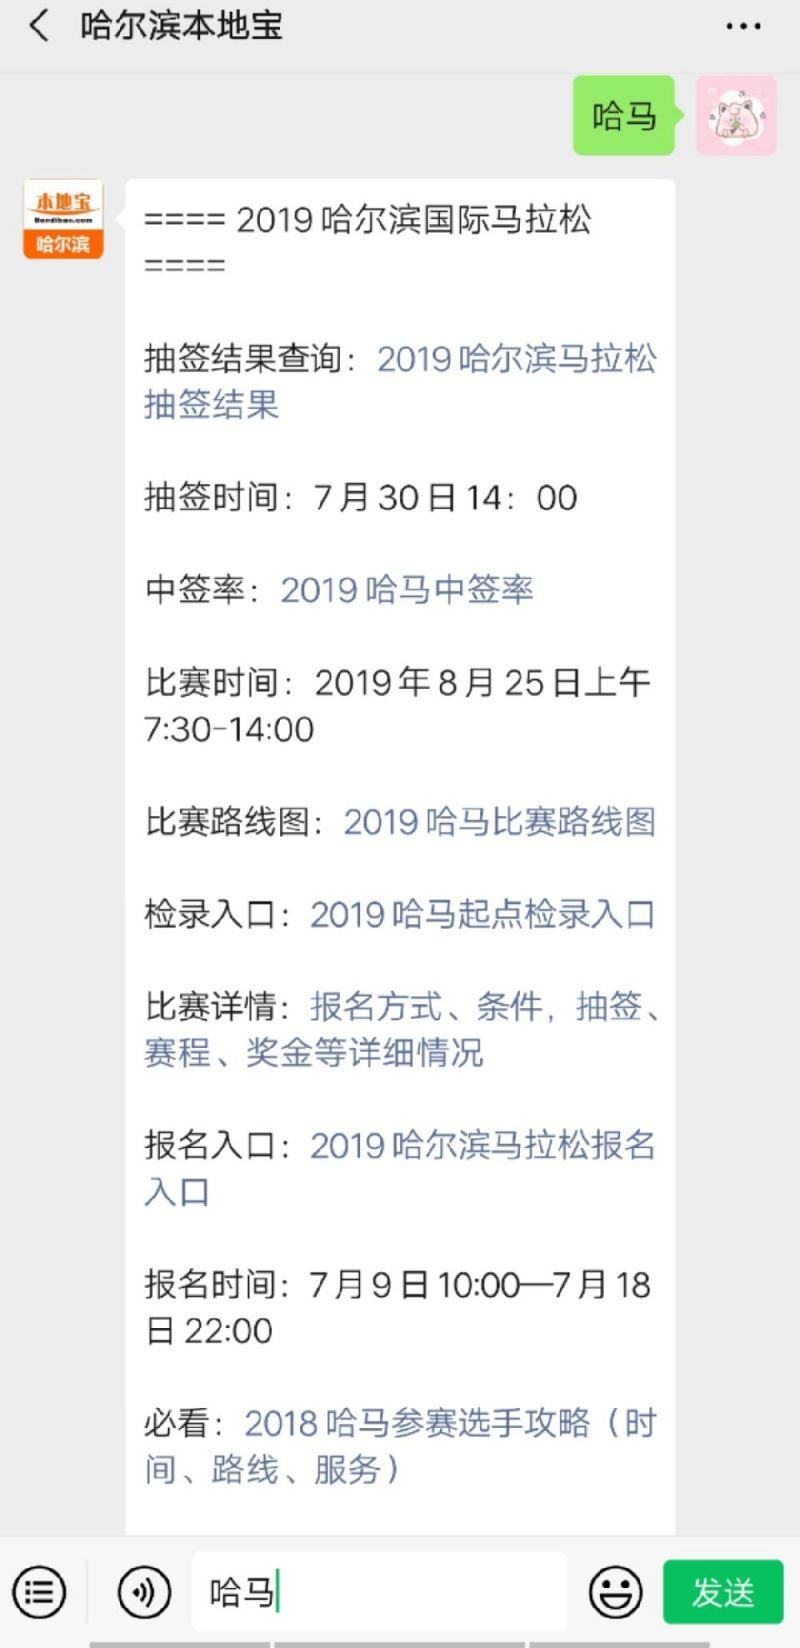 2019哈马抽签日期